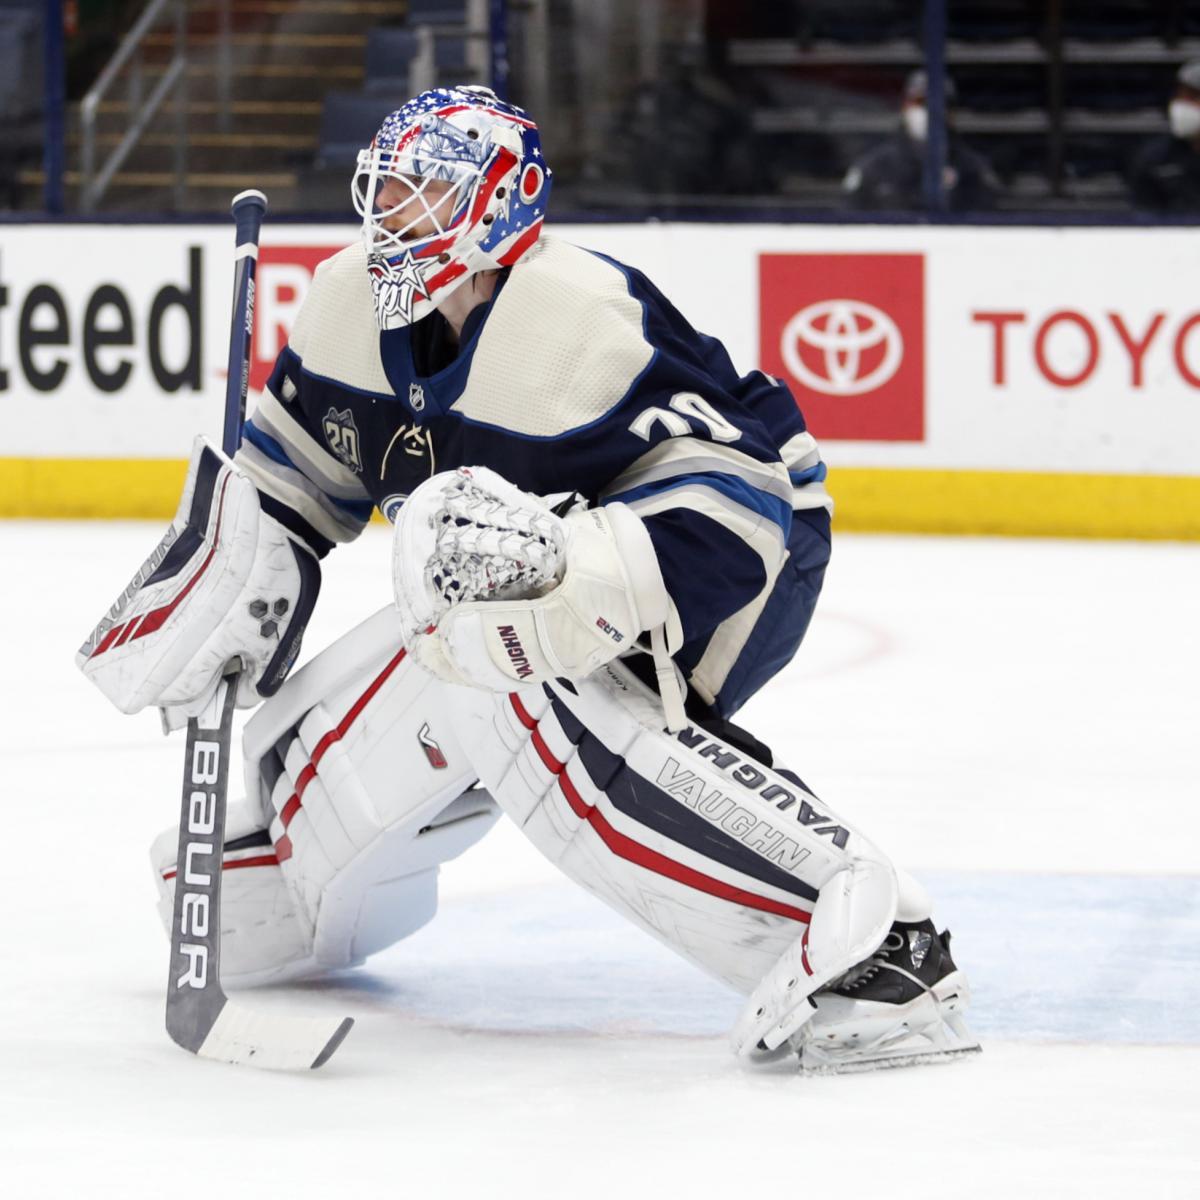 NHL Rumors: Latest on Potential Joonas Korpisalo Trade, Islanders' Offseason